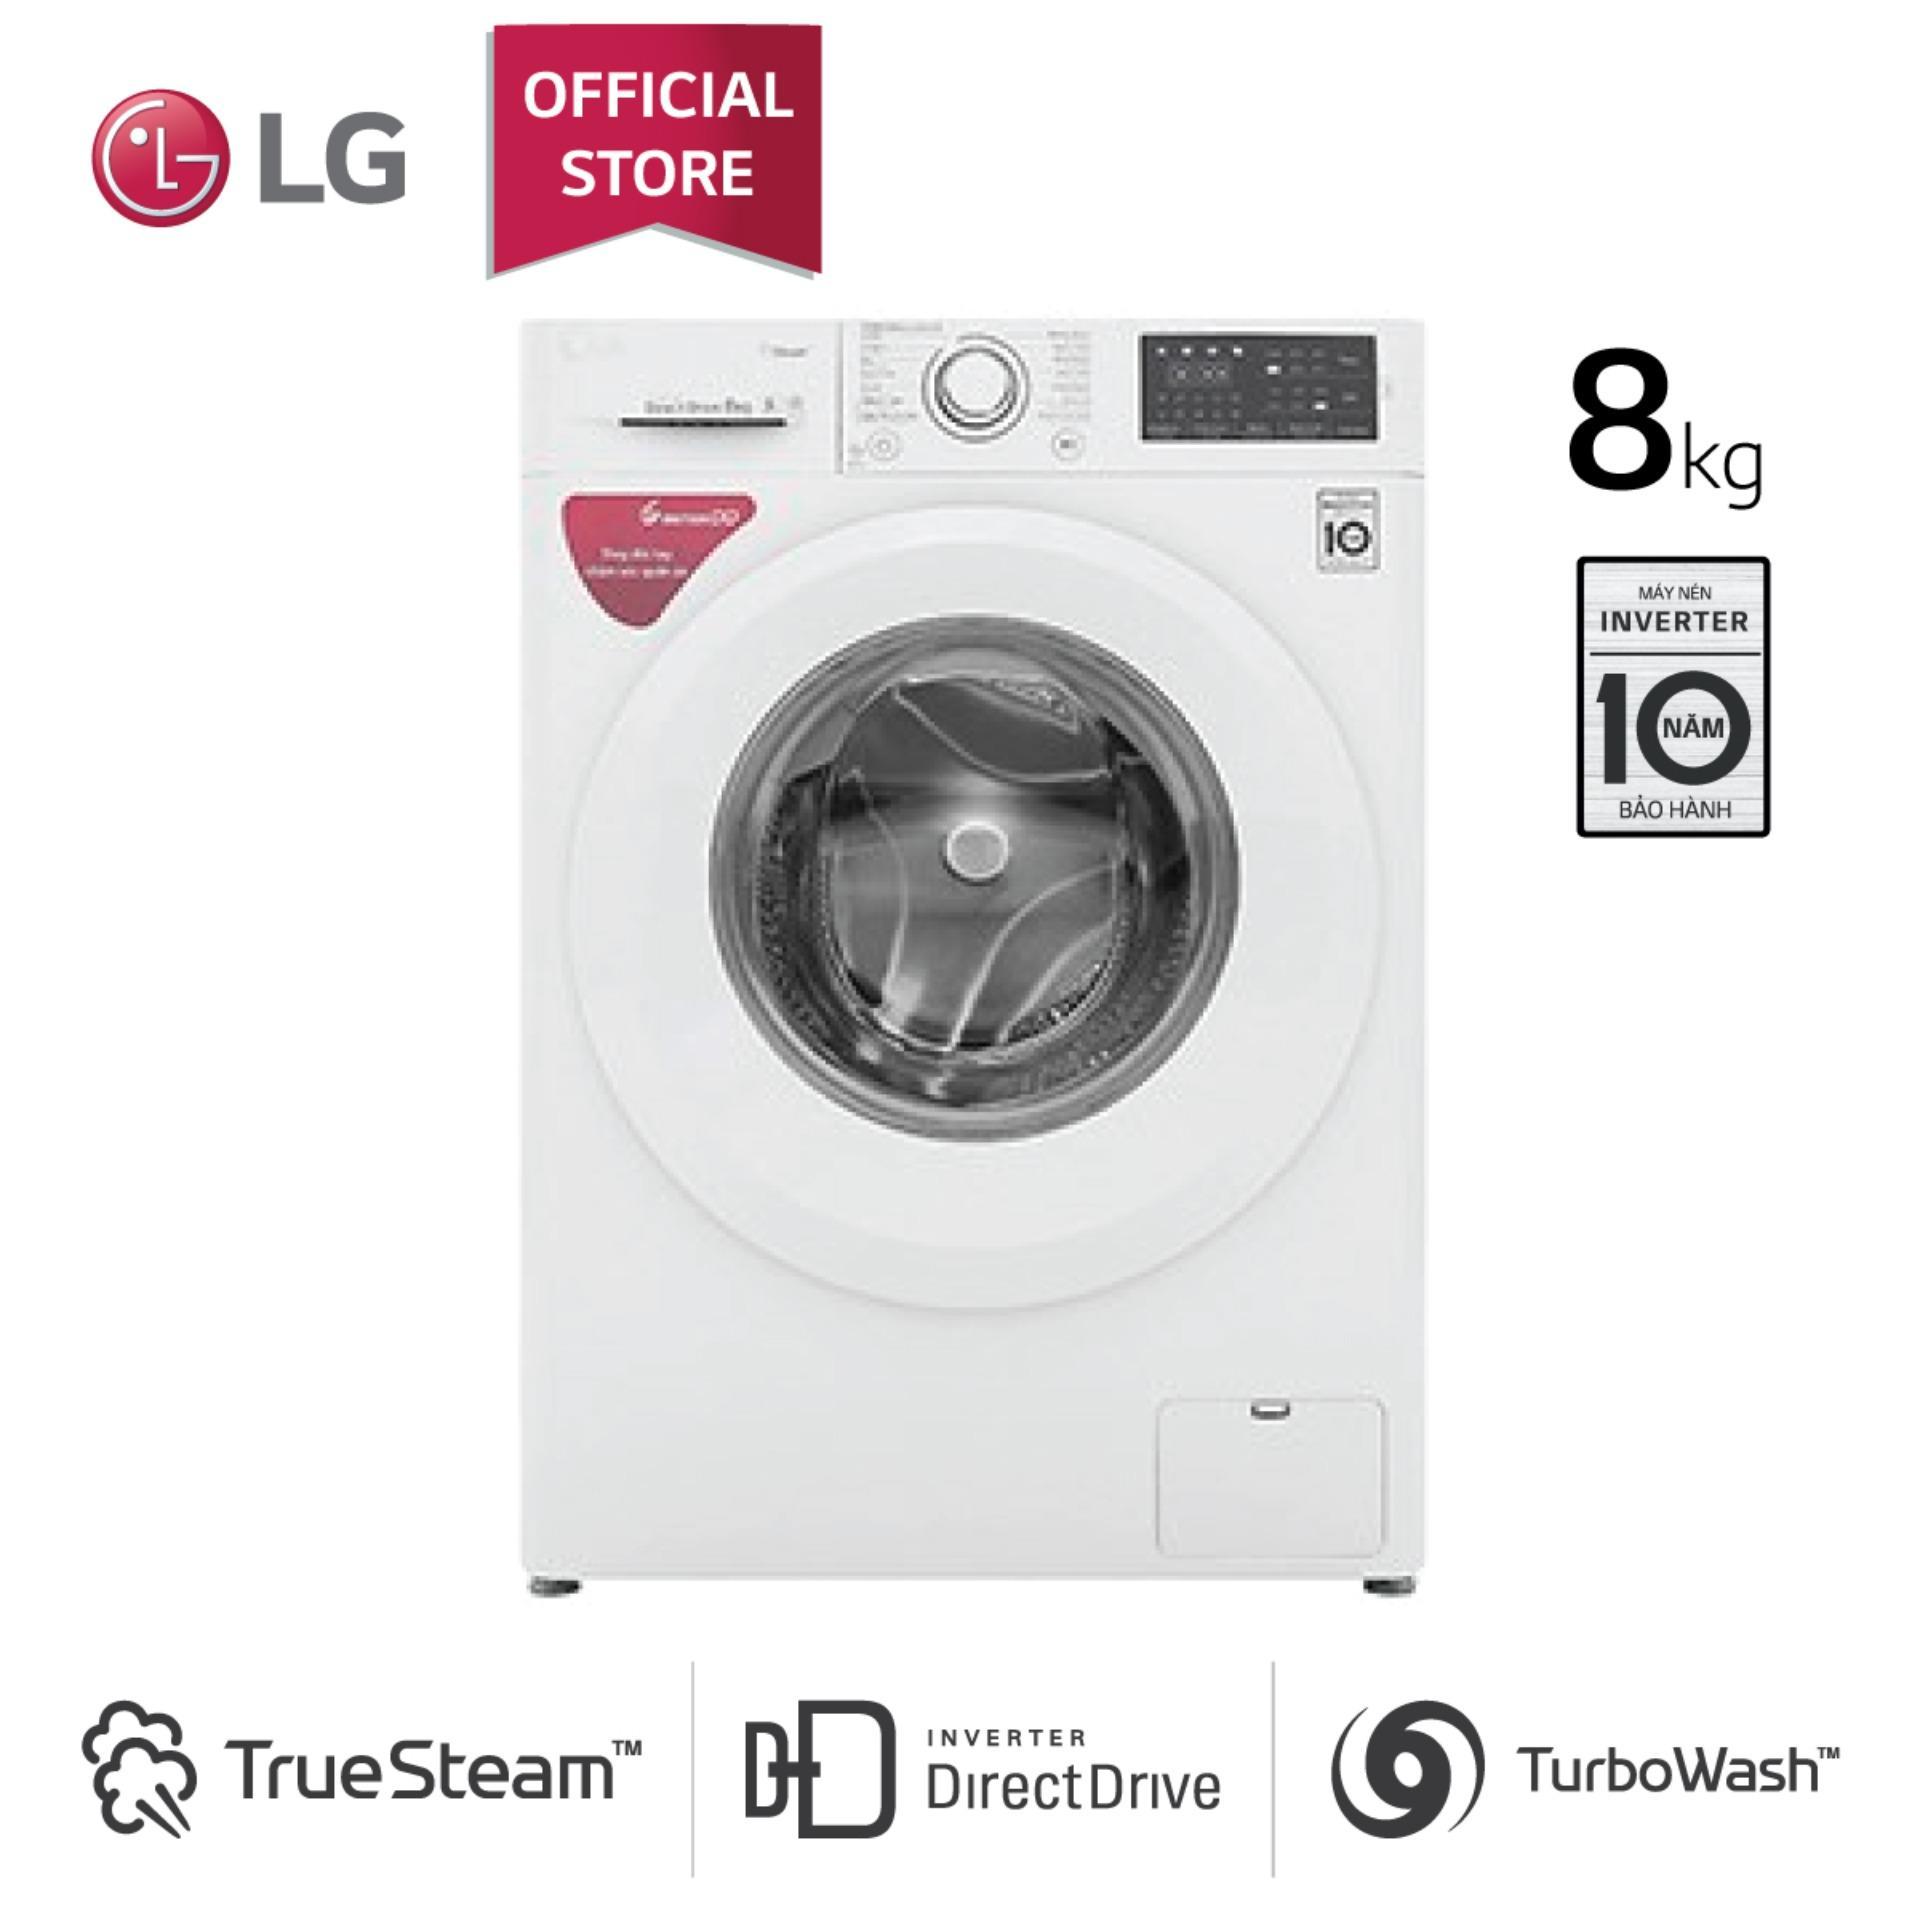 Máy giặt LG Inverter cửa trước FC1408S5W (Trắng) 8kg (2019) - Bảo hành 24 tháng - Hàng phân phối chính hãng